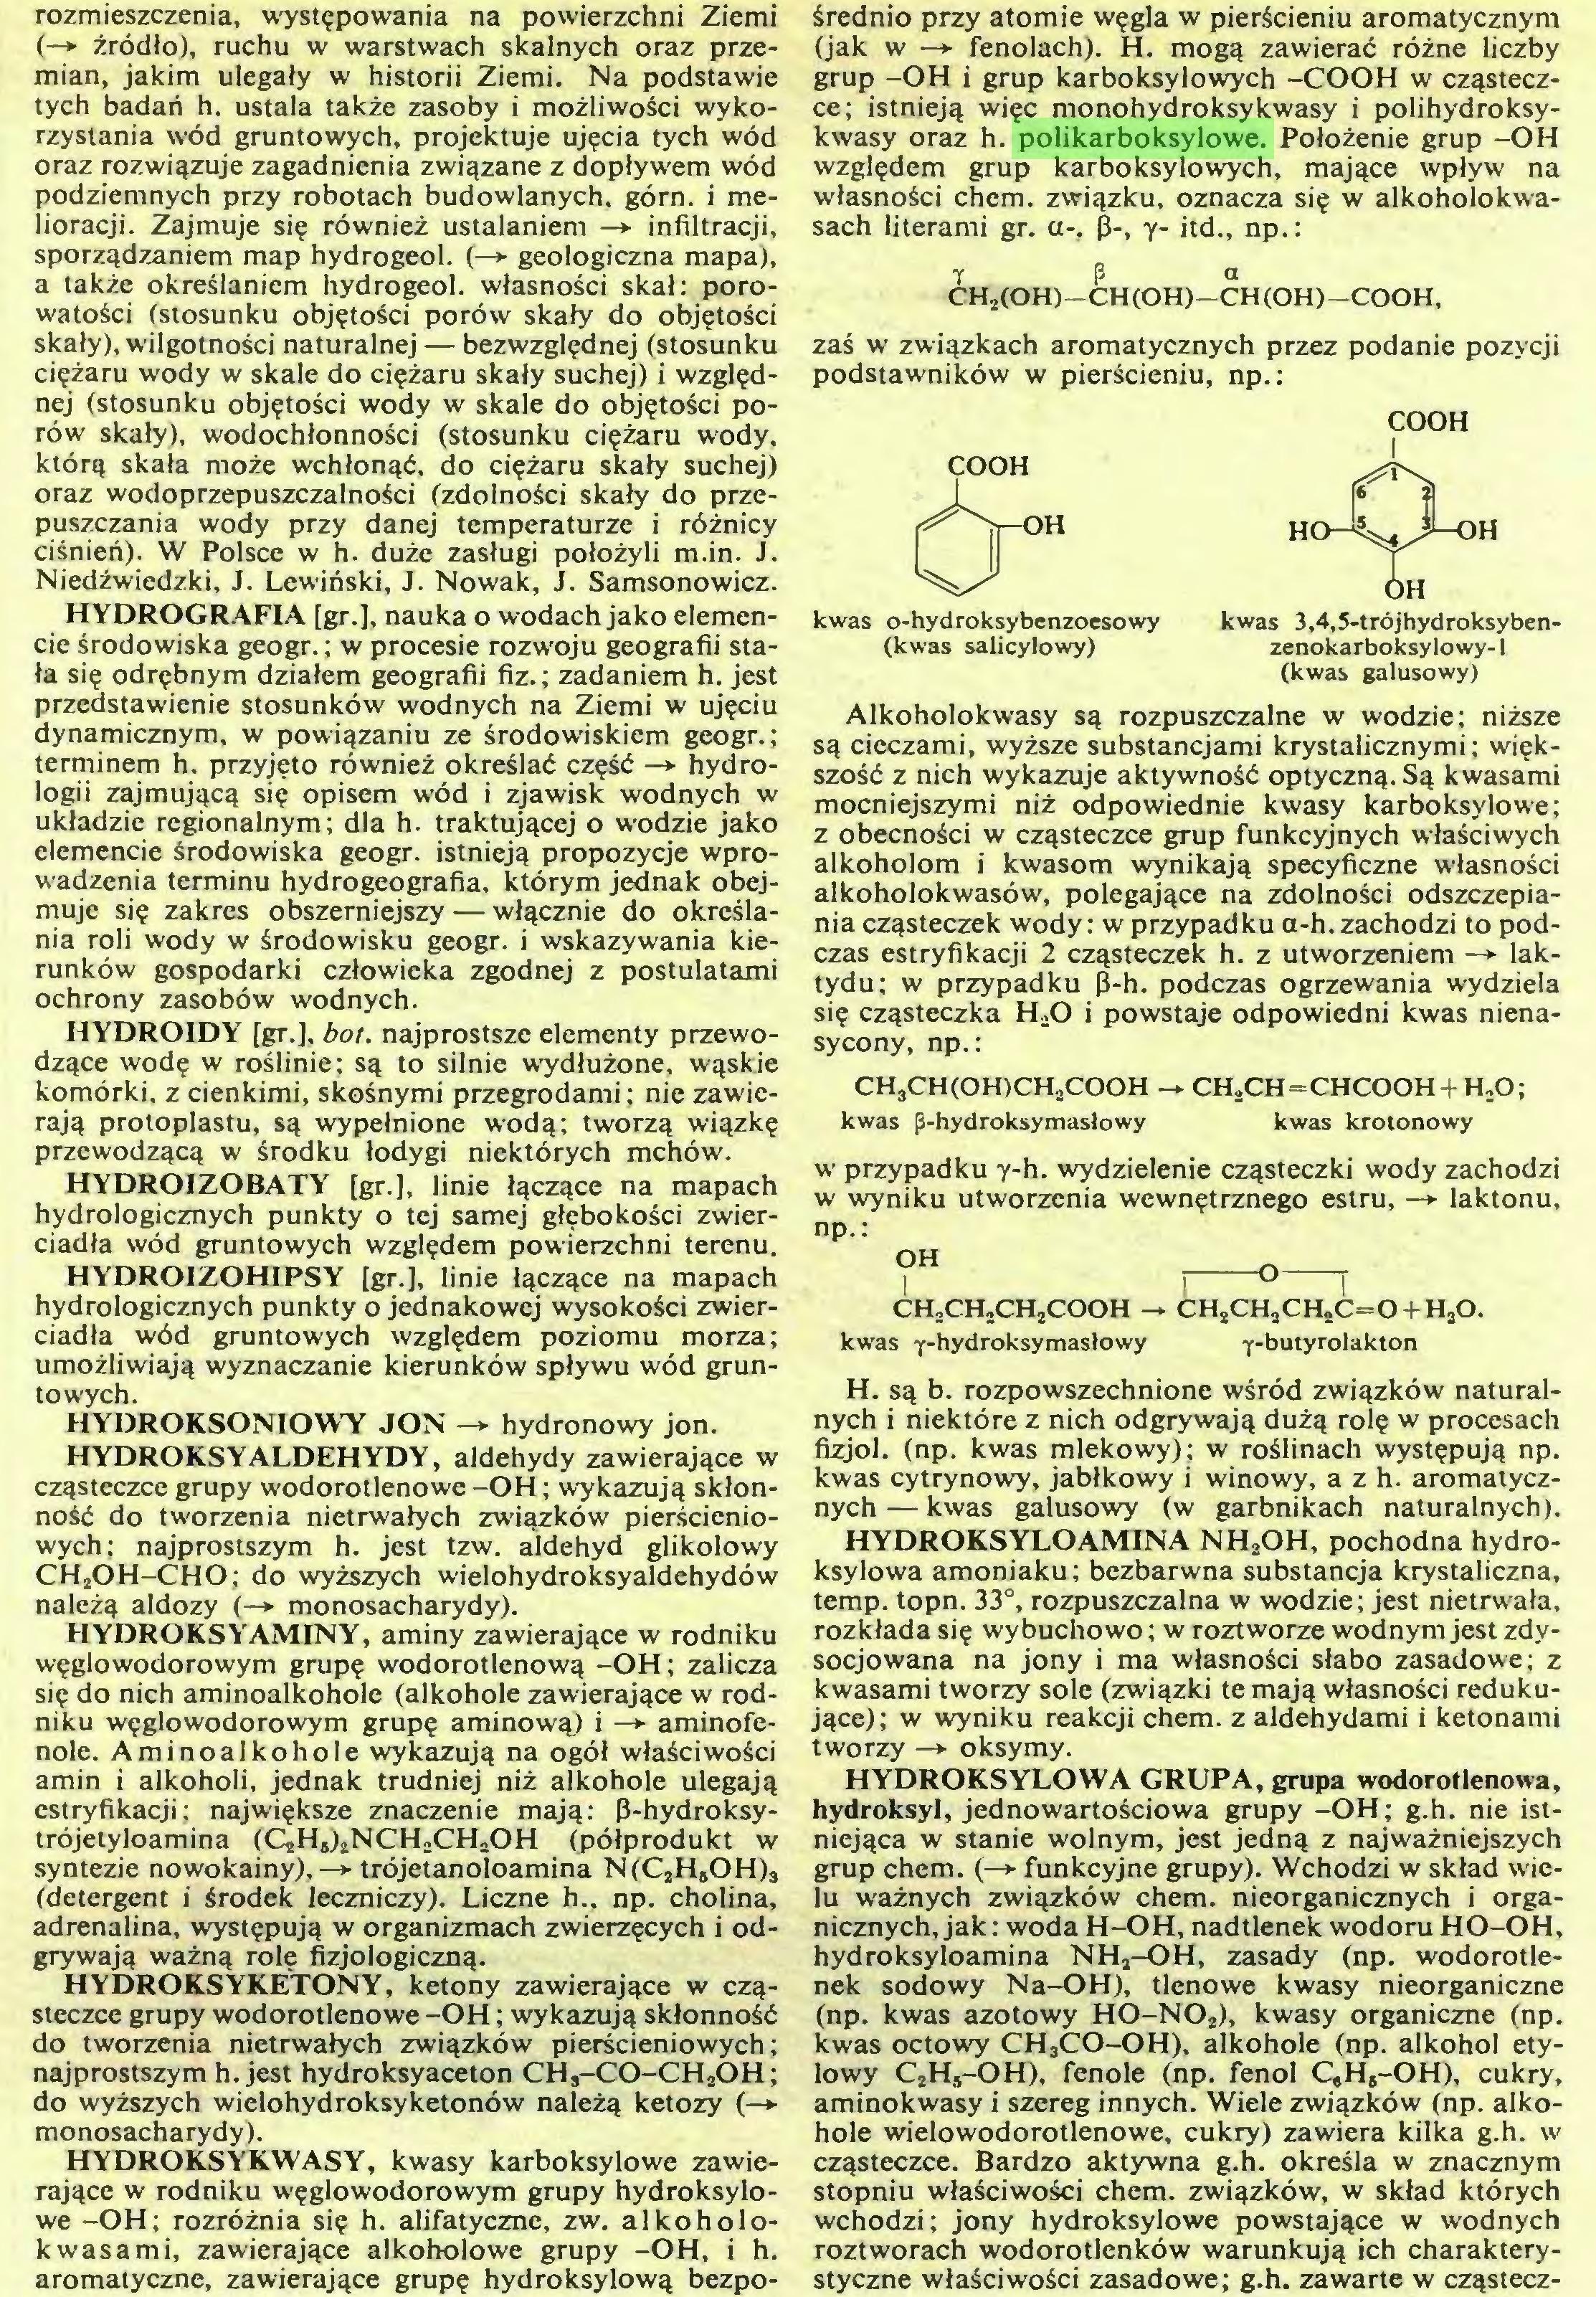 (...) aromatyczne, zawierające grupę hydroksylową bezpo¬ średnio przy atomie węgla w pierścieniu aromatycznym (jak w —► fenolach). H. mogą zawierać różne liczby grup -OH i grup karboksylowych -COOH w cząsteczce; istnieją więc monohydroksykwasy i polihydroksykwasy oraz h. polikarboksylowe. Położenie grup -OH względem grup karboksylowych, mające wpływ na własności chem. związku, oznacza się w alkoholokwasach literami gr. a-, 0-, y- itd., np.:...